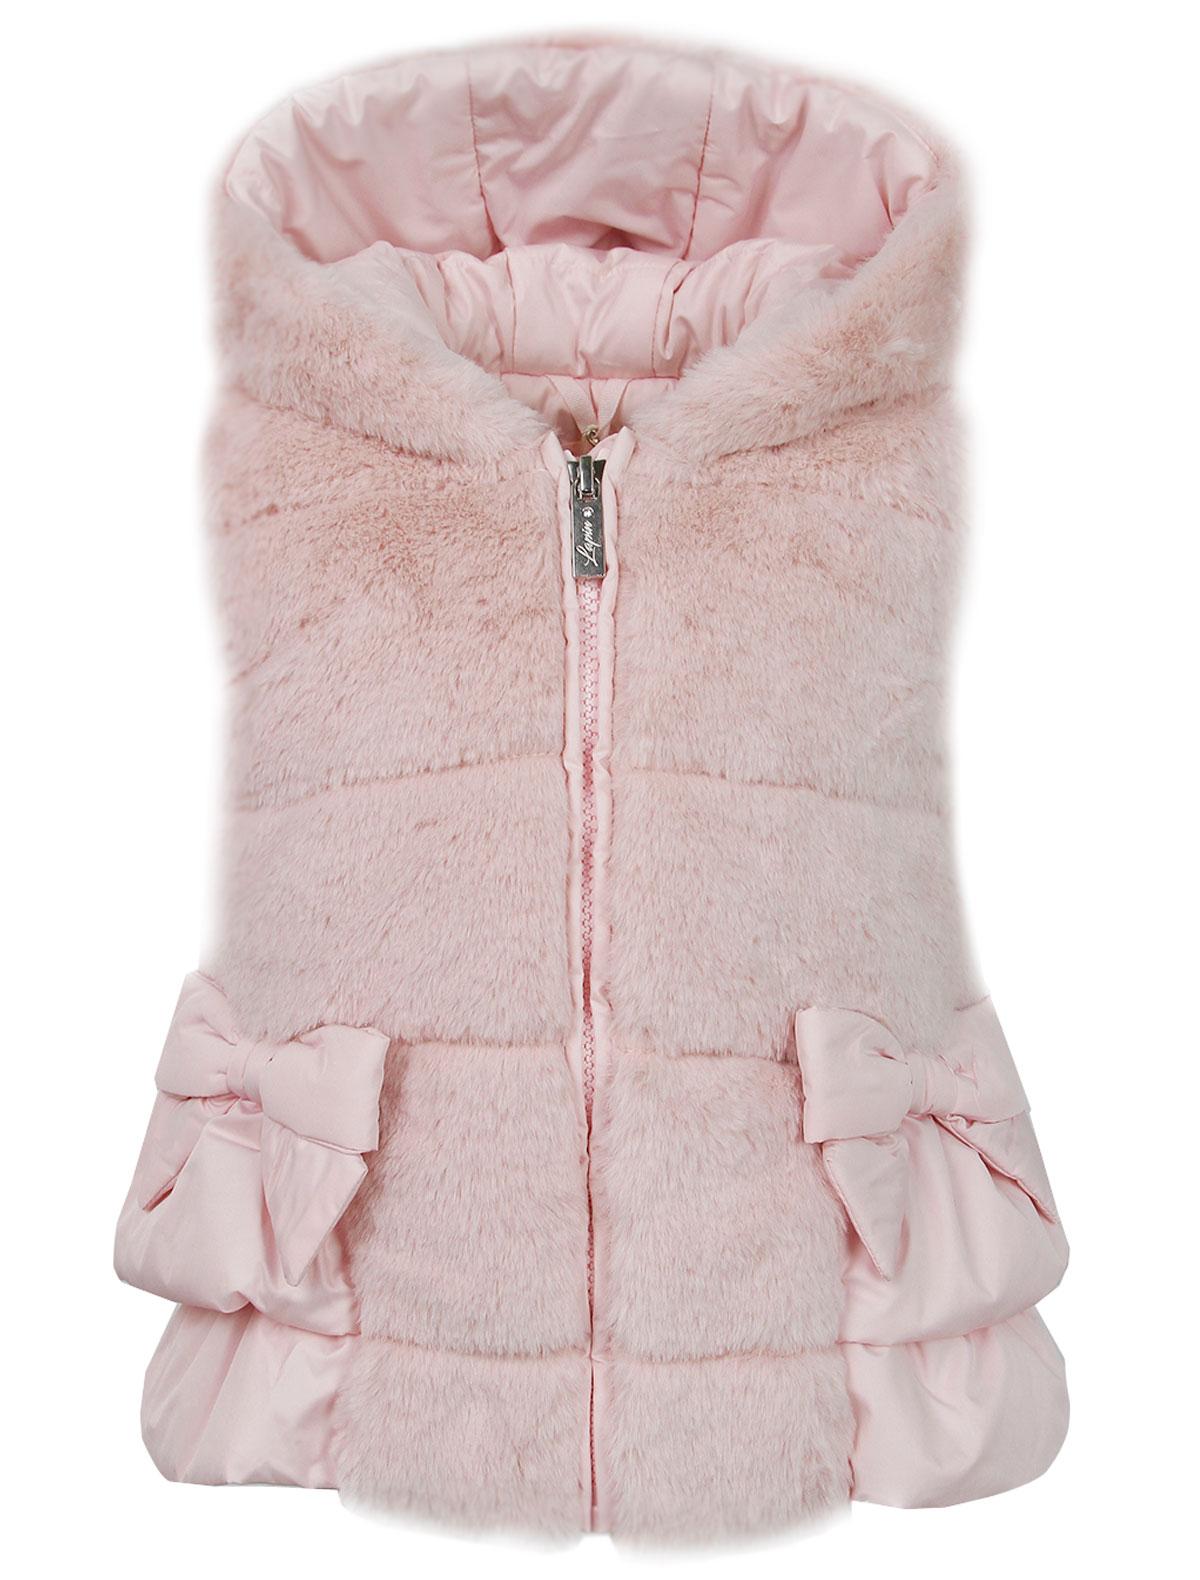 Купить 2326605, Жилет утепленный Lapin House, розовый, Женский, 4184509180084